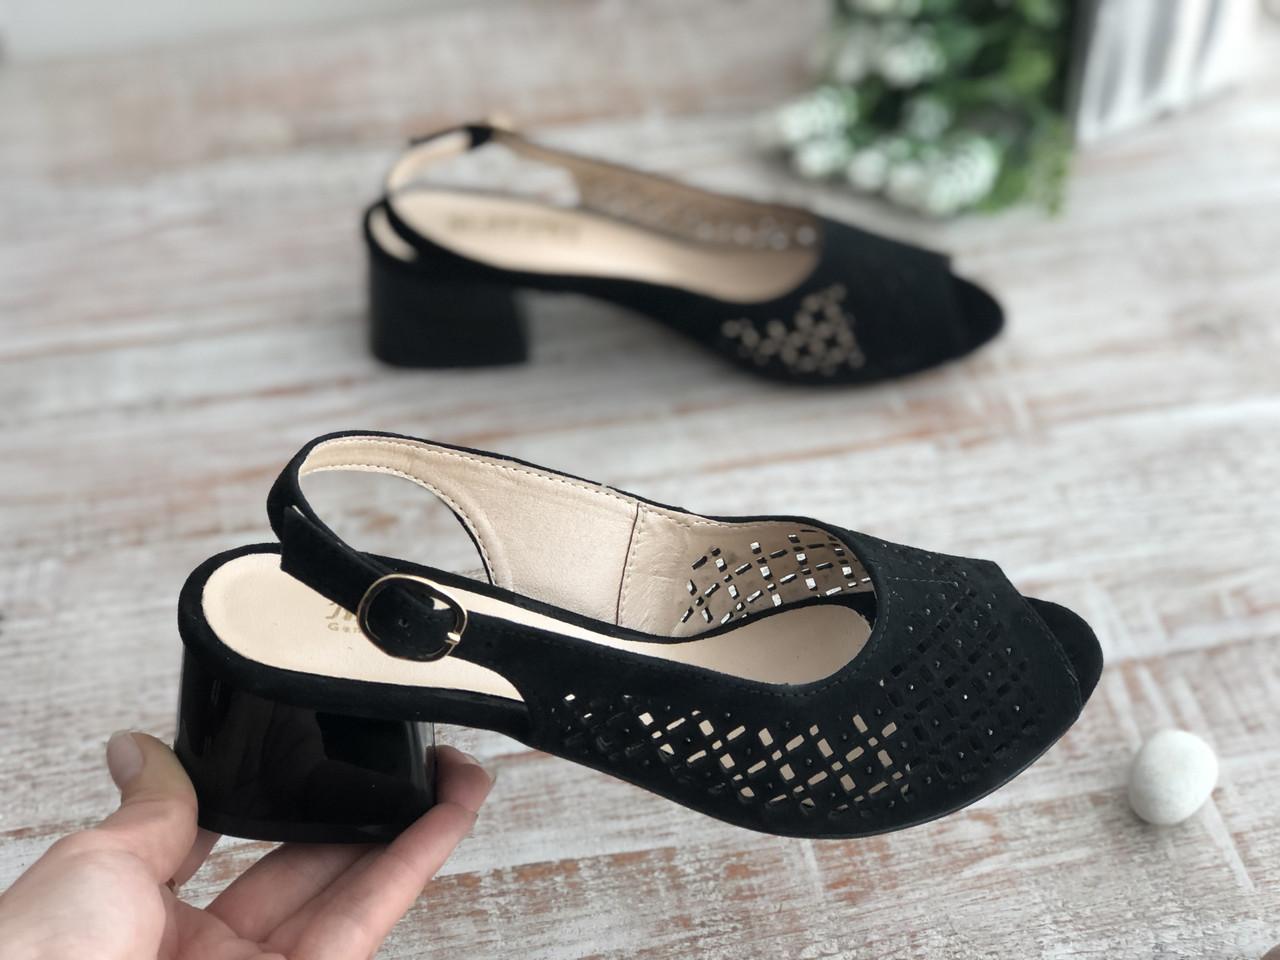 Женские кожаные босоножки Марини чёрные + замш 405 ч/з размеры 37,38,39